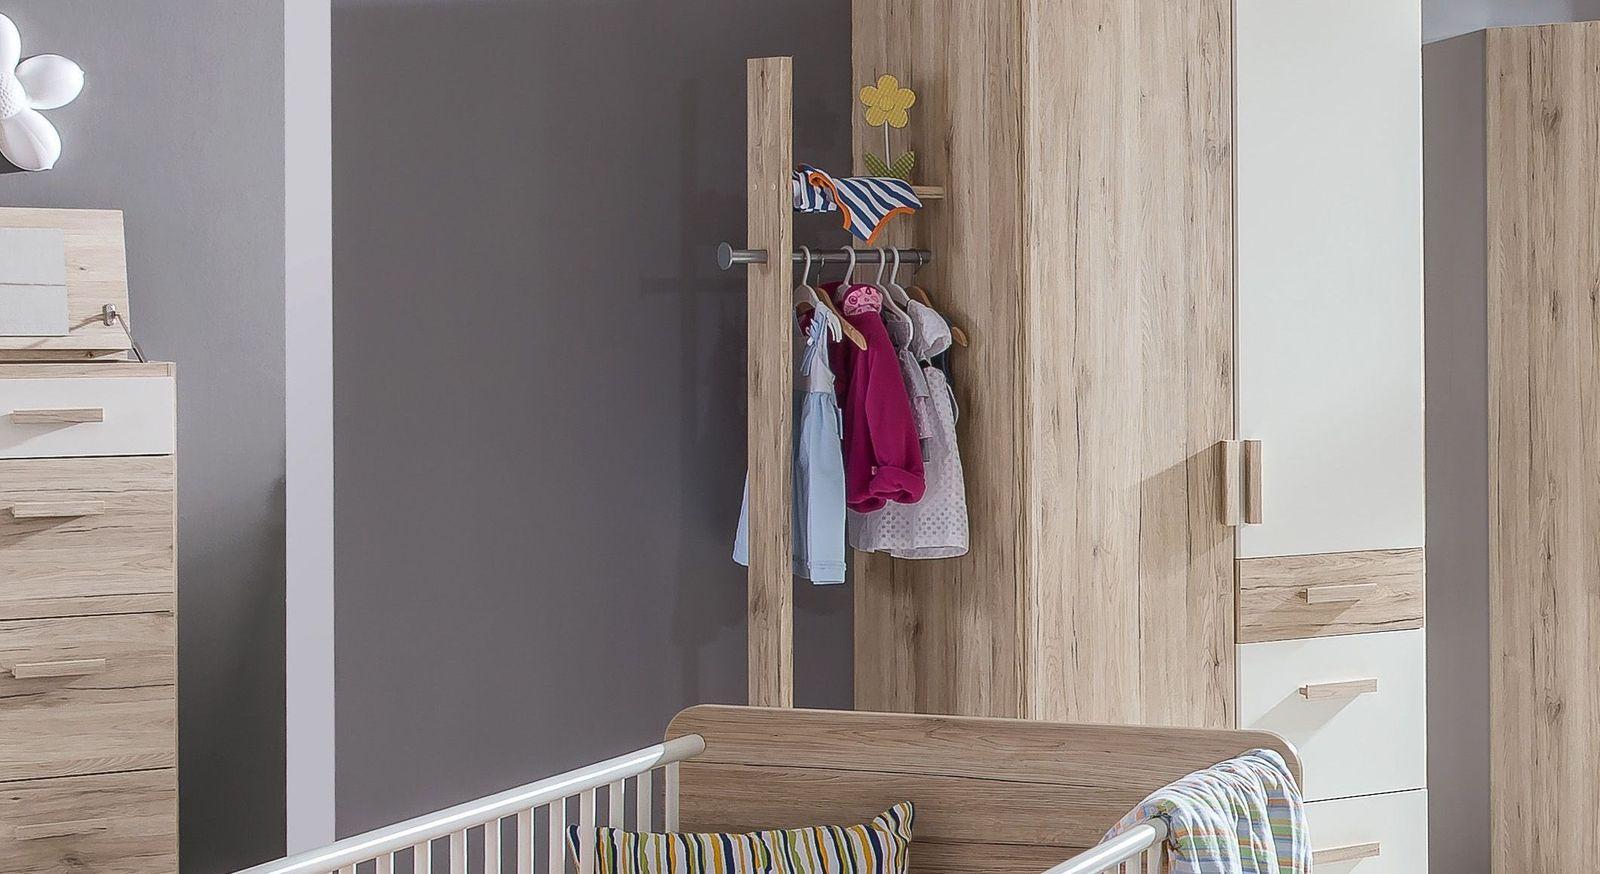 Stabile Anbau-Garderobe Tropea passend zum Kleiderschrank